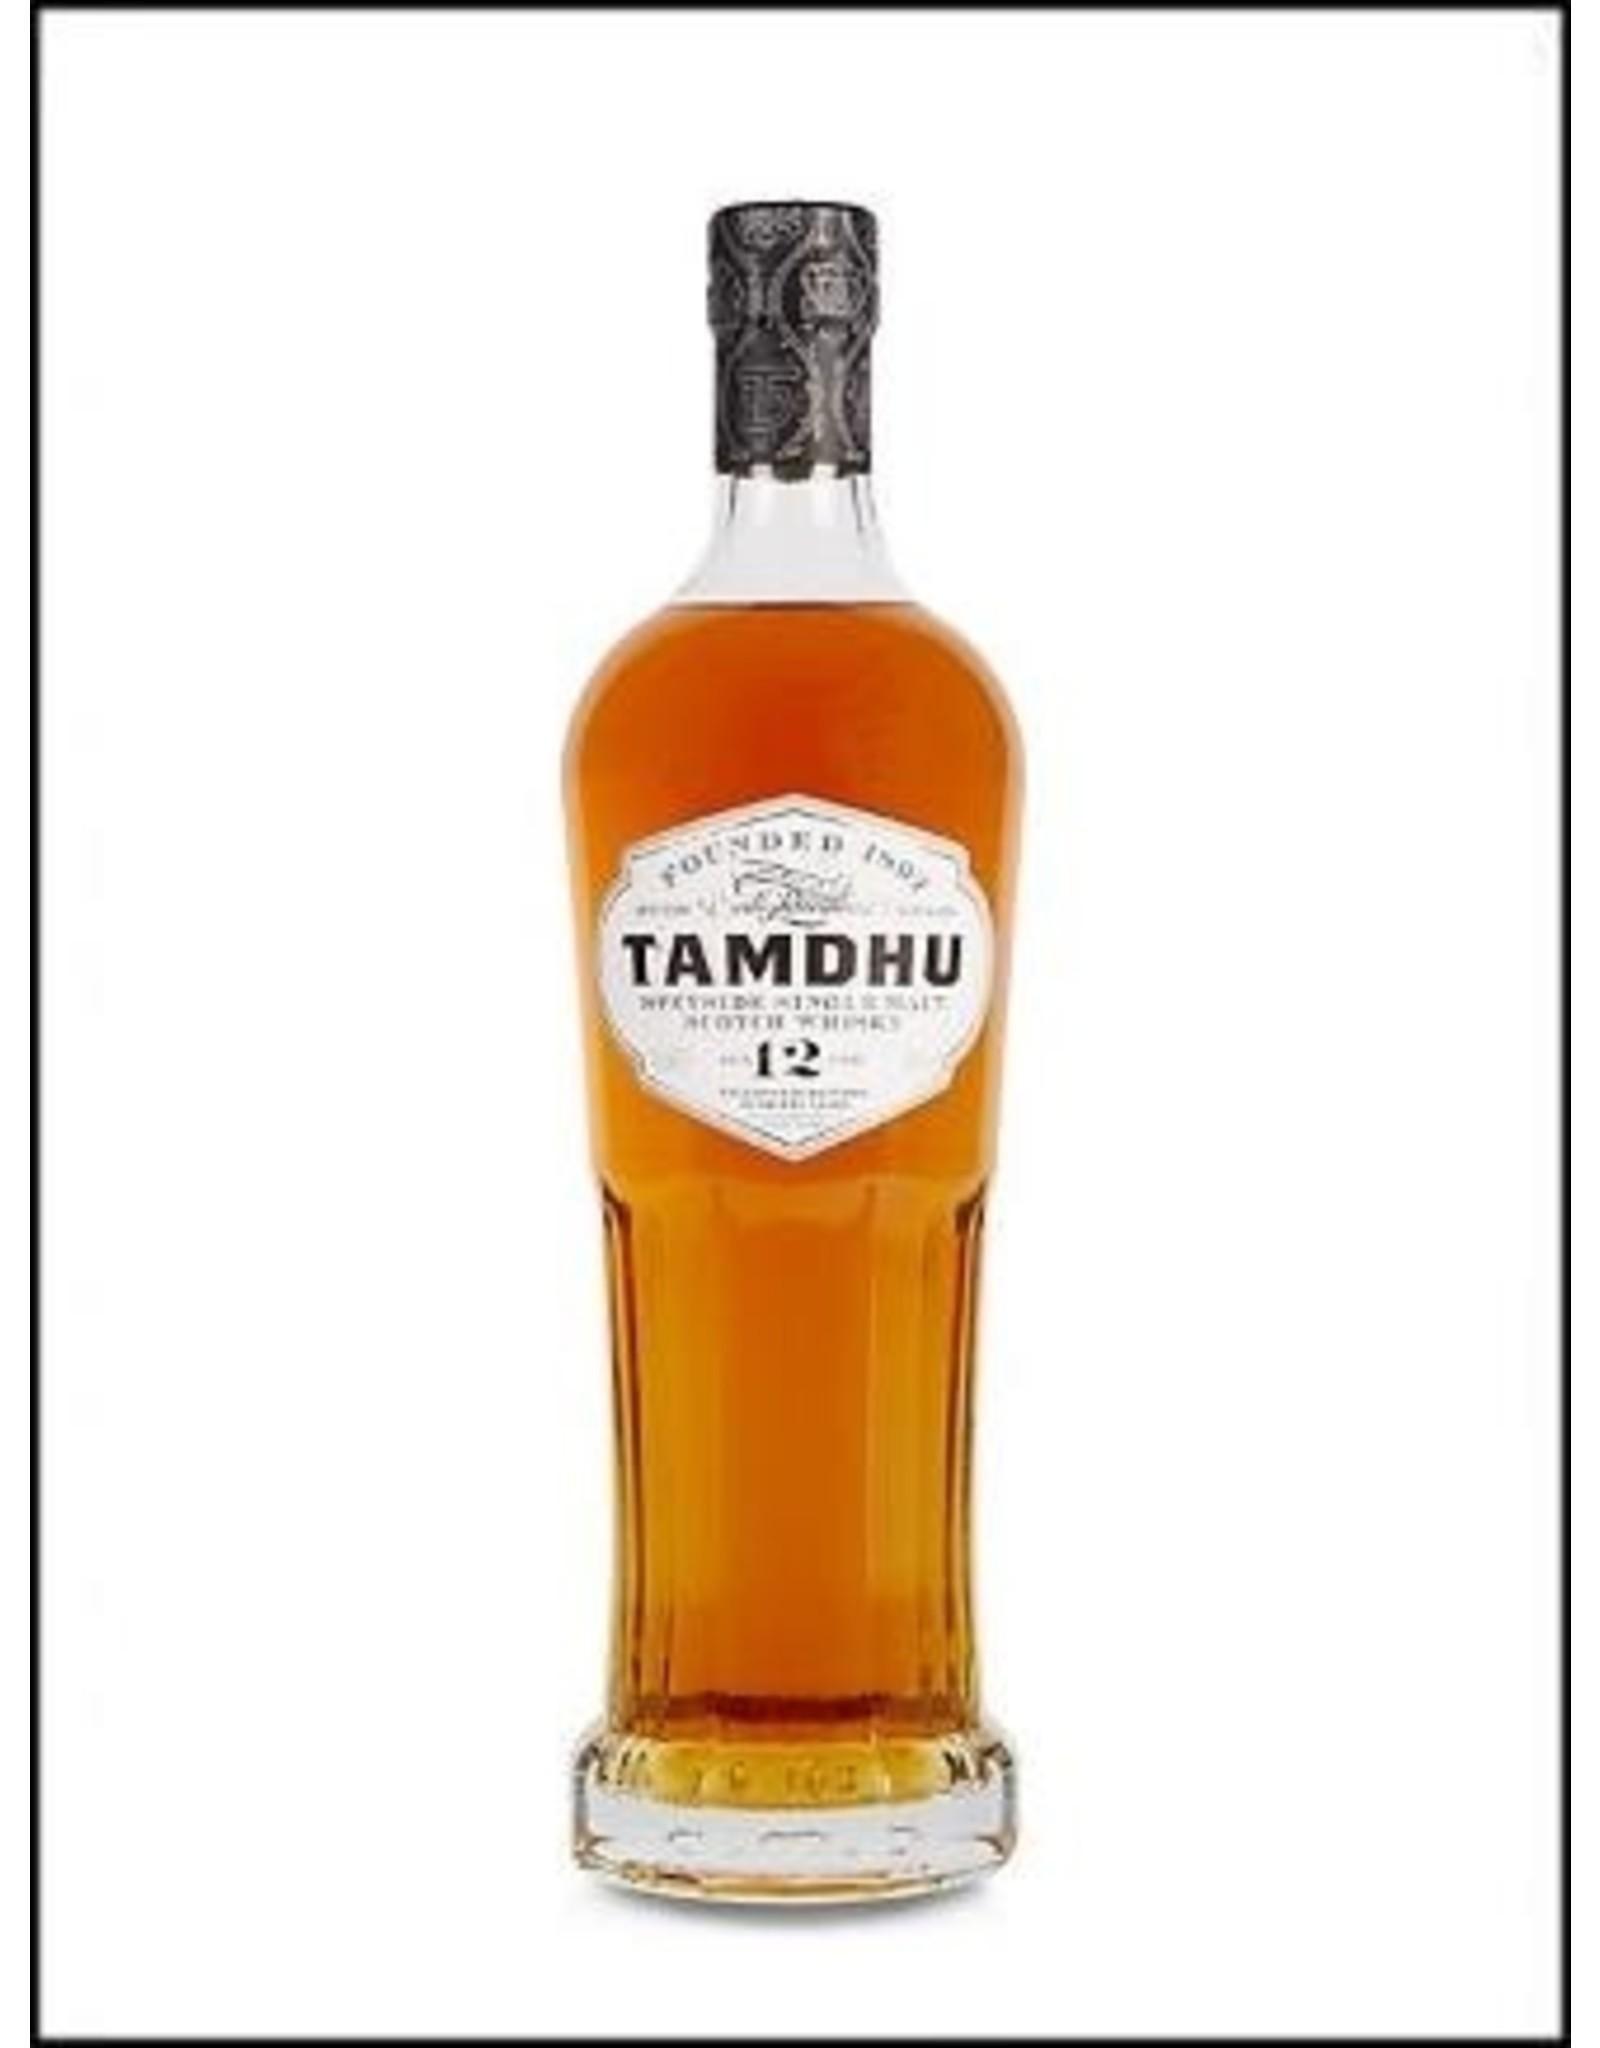 Tamdhu Tamdhu 12 years